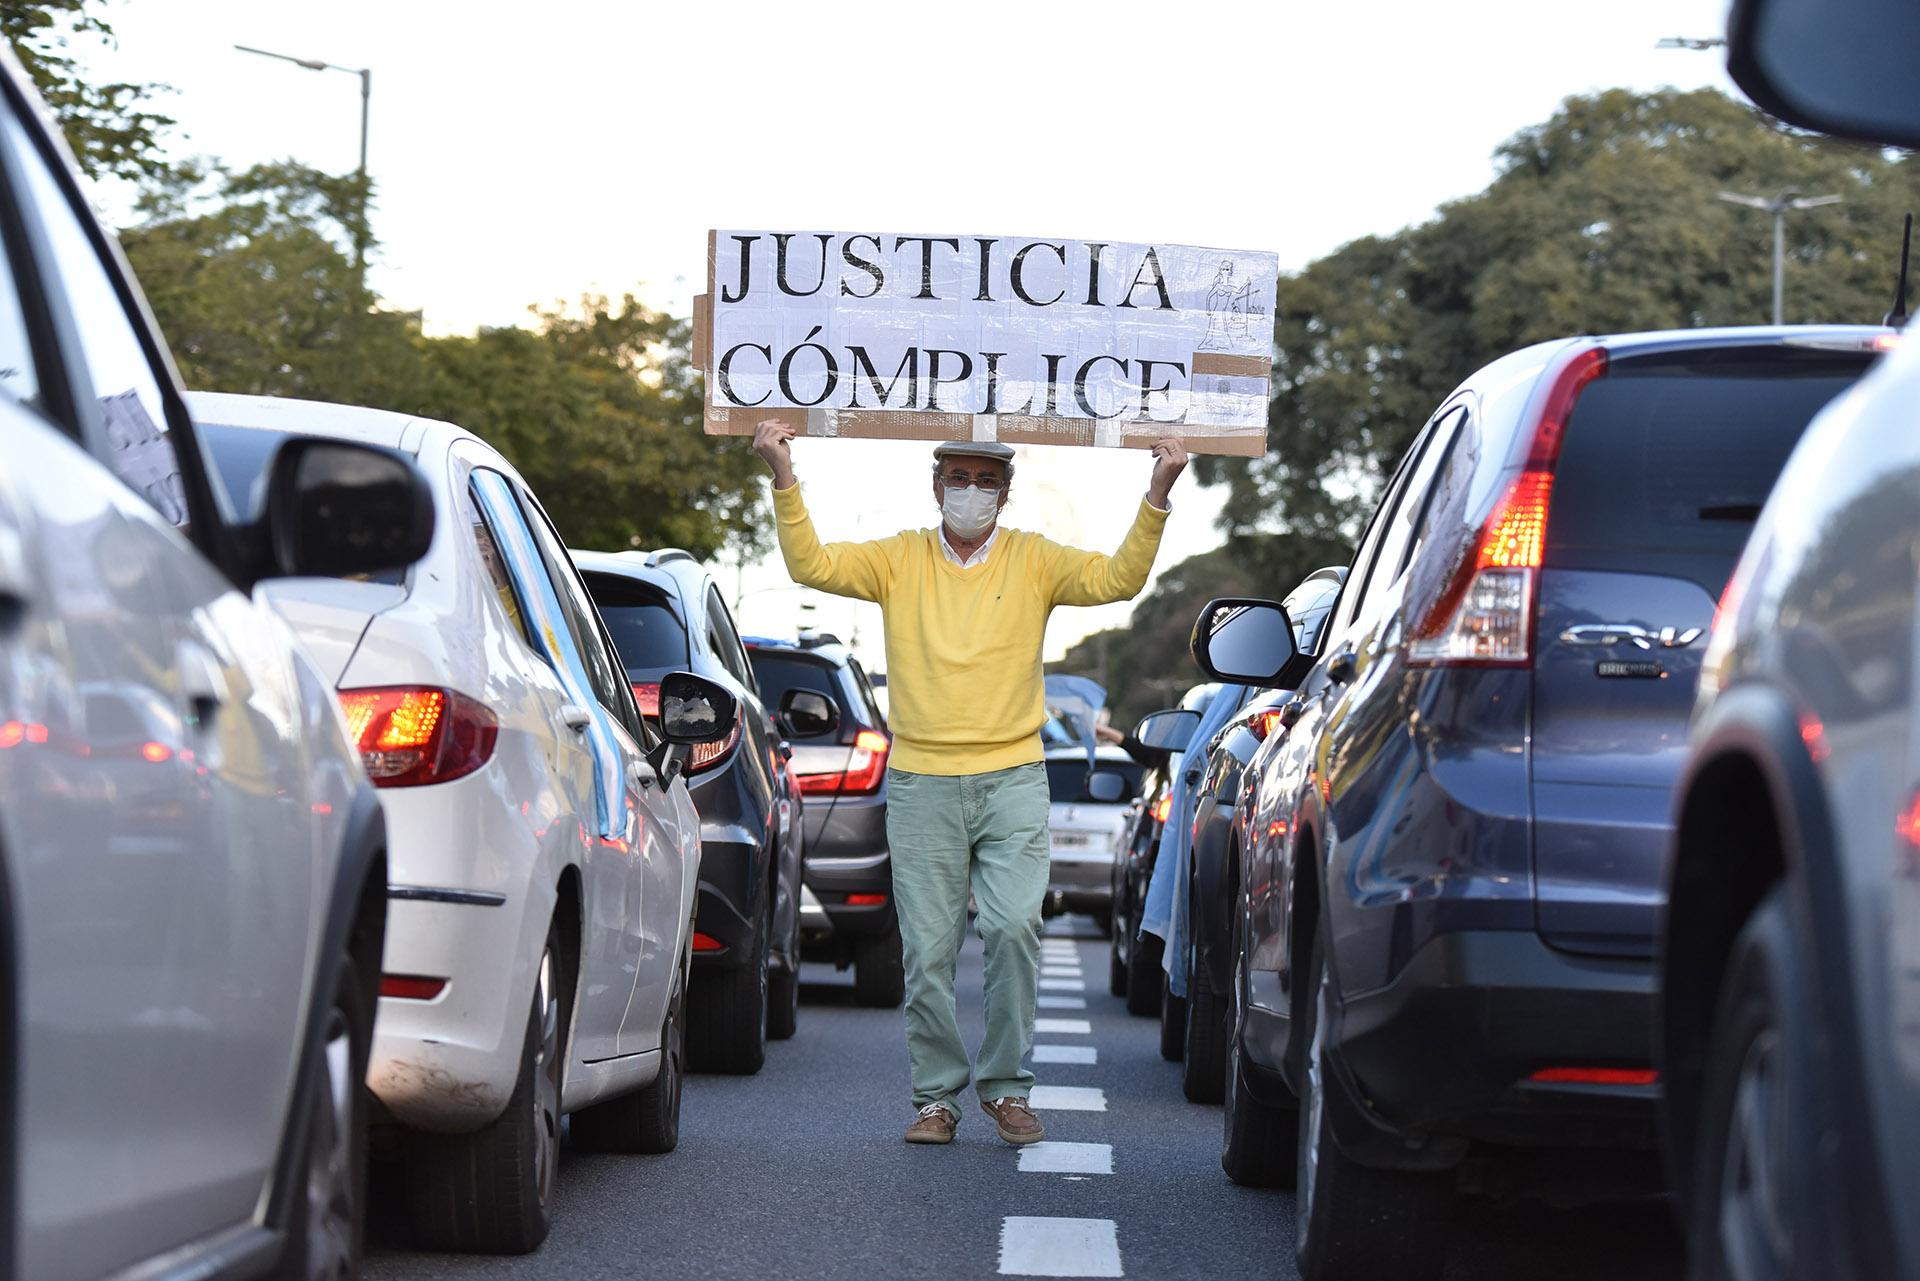 Pese al frío y la cuarentena, la gente salió a la calle para manifestarse